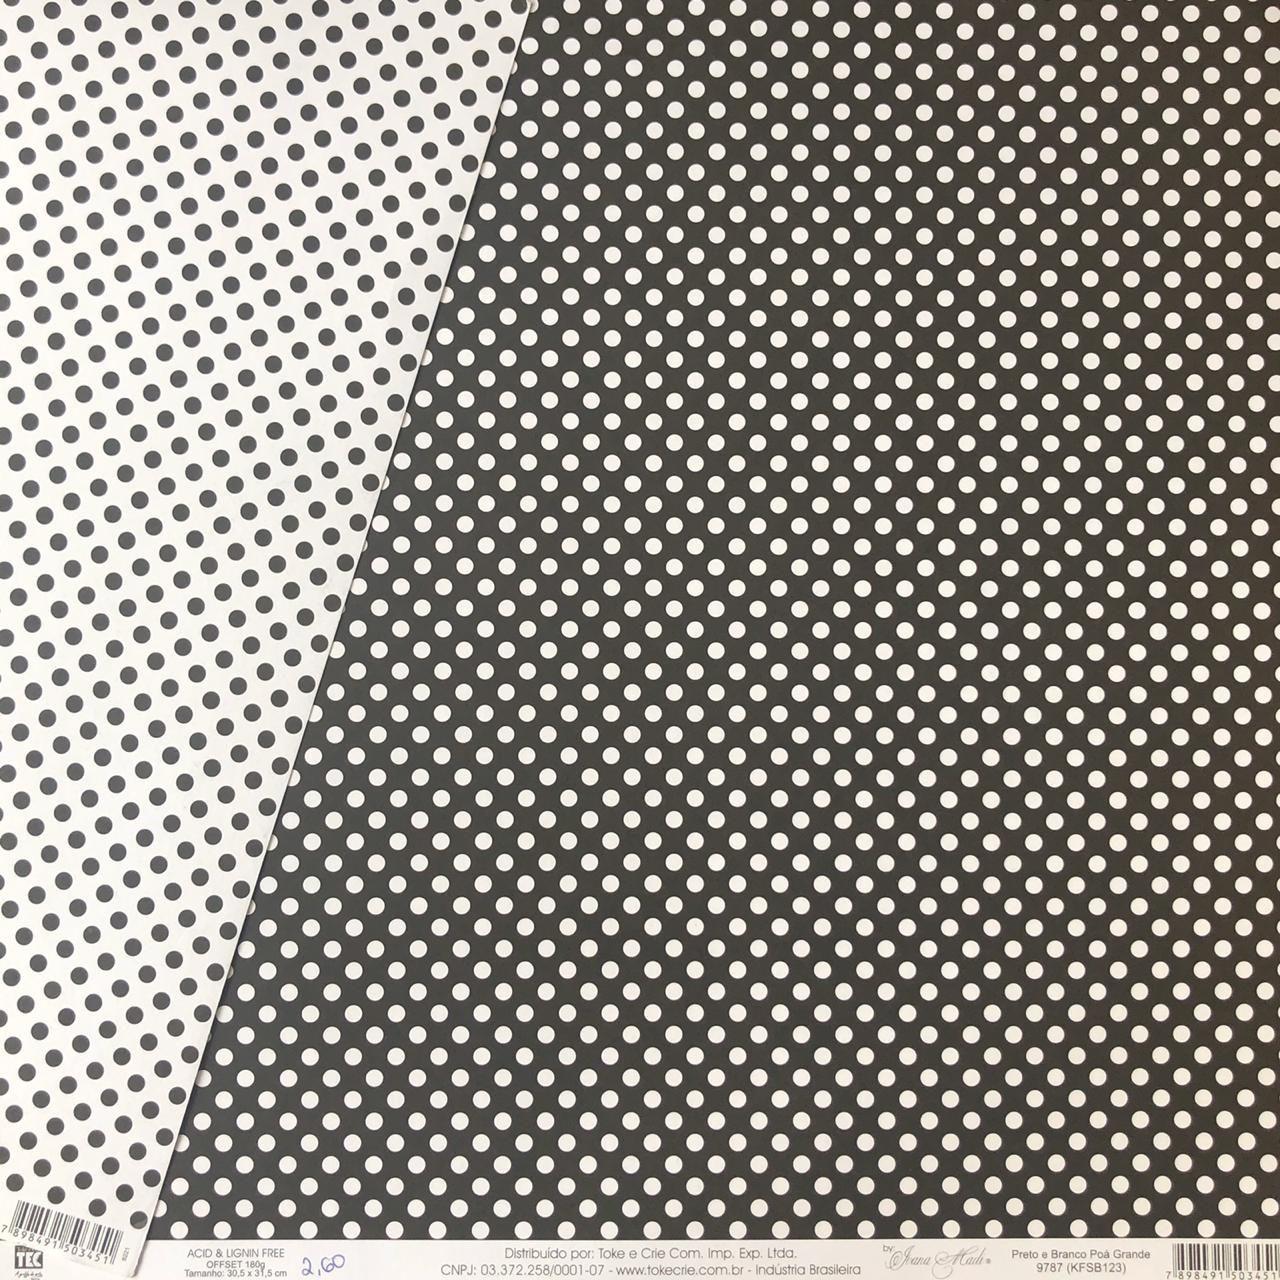 Papel Scrap - Preto e Branco Poá (KFSB123) - Toke e Crie (9787)